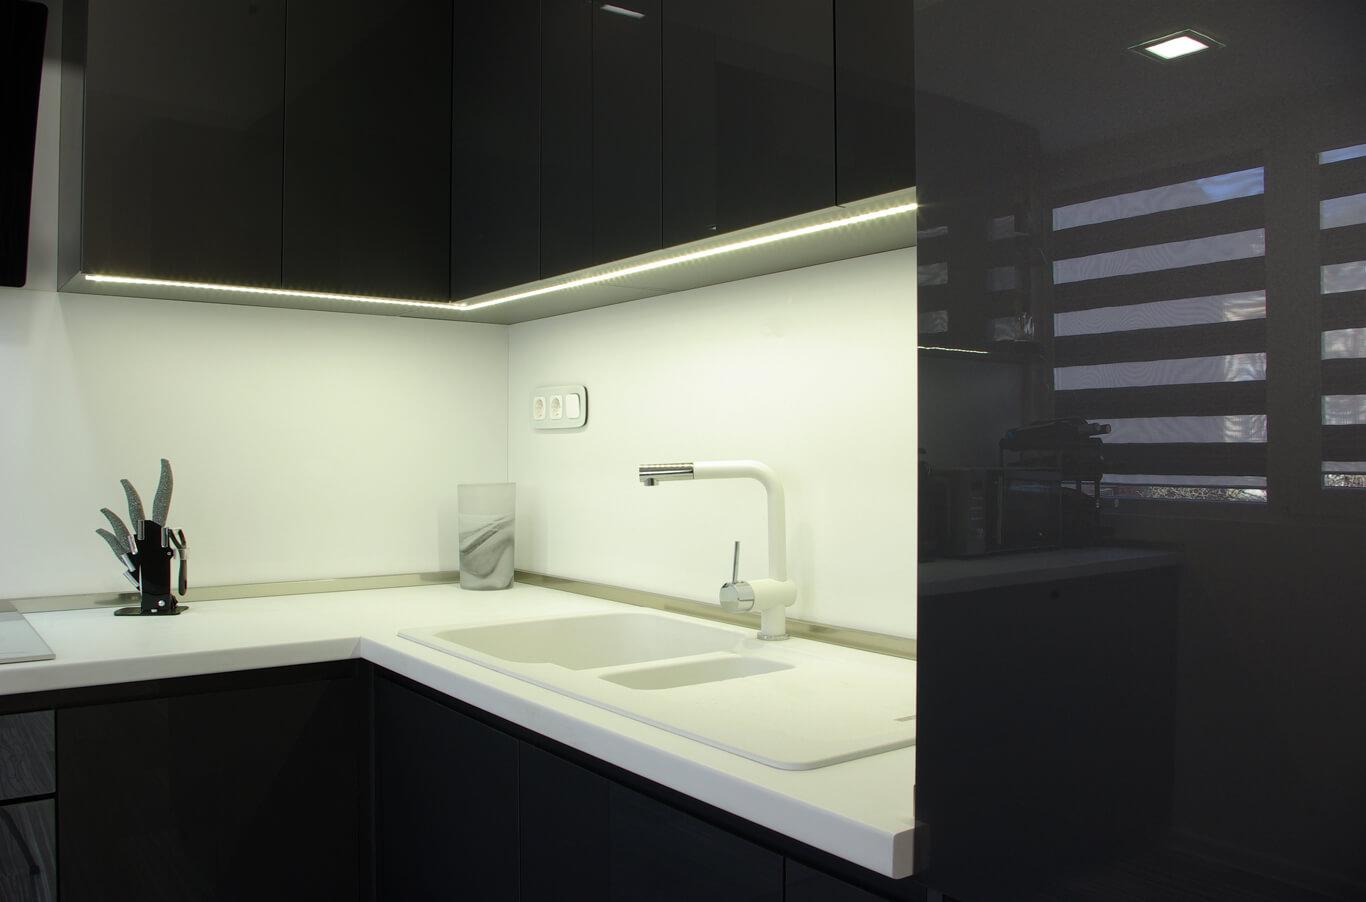 лед осветление за кухни